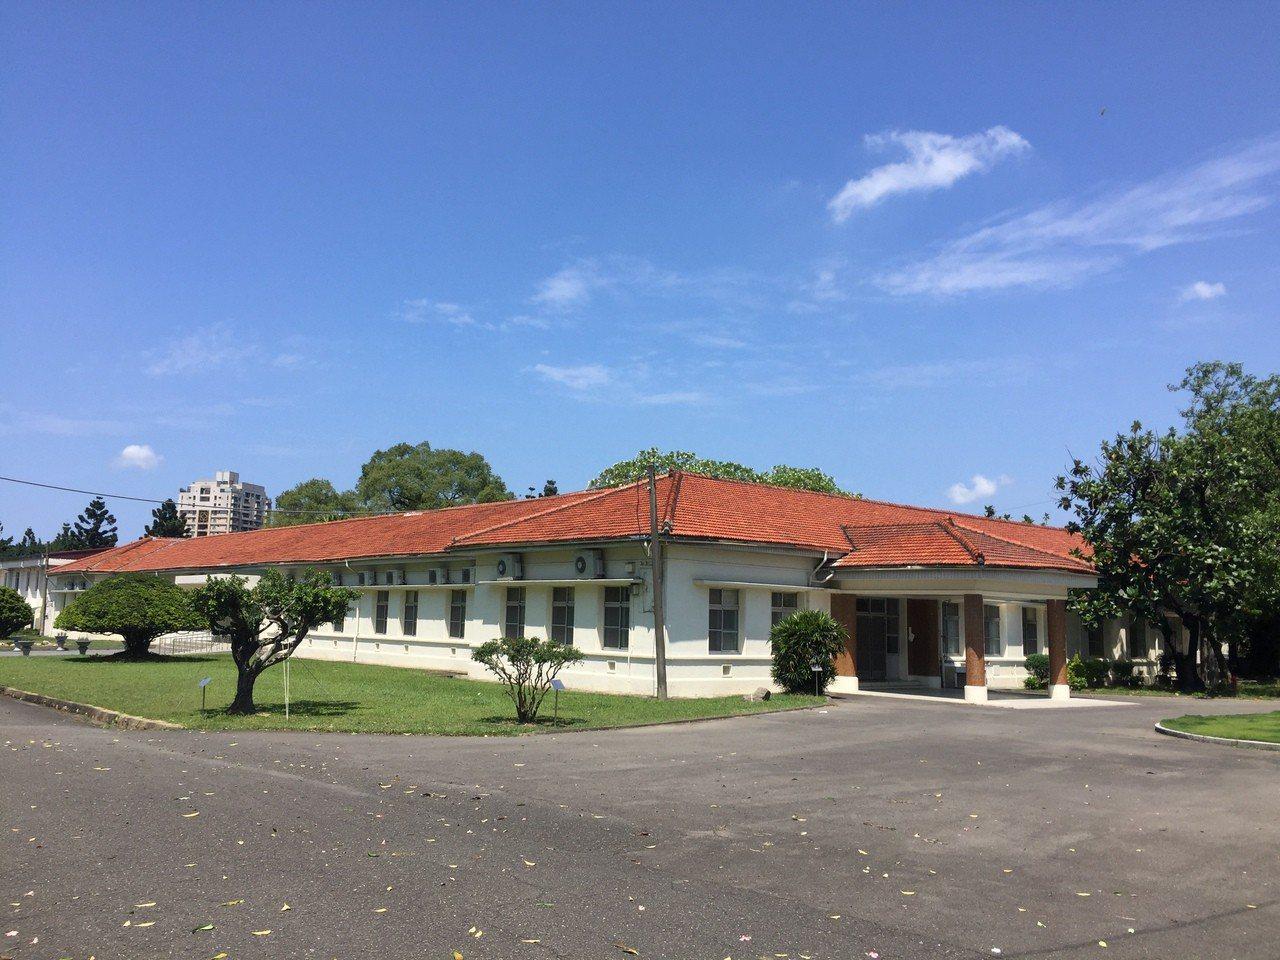 高雄市將歷史建物列冊追蹤,鳳山熱帶園藝試驗所辦公廳舍已經過文資審議成為歷史建築。...